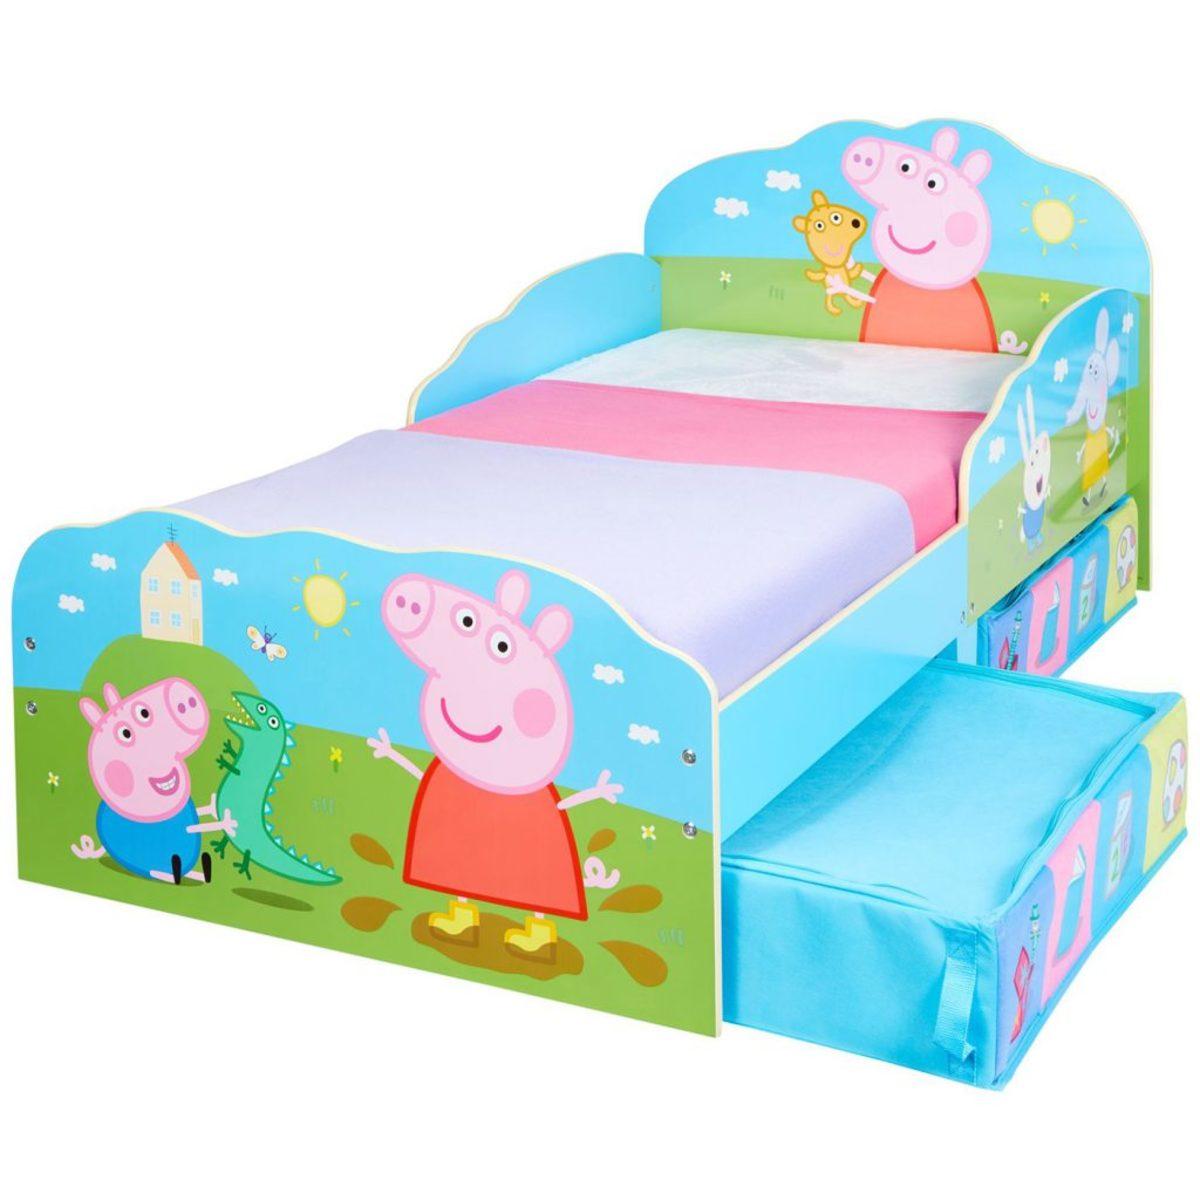 Detská posteľ Ourbaby Peppa and friends modrá zelená 140x70 cm